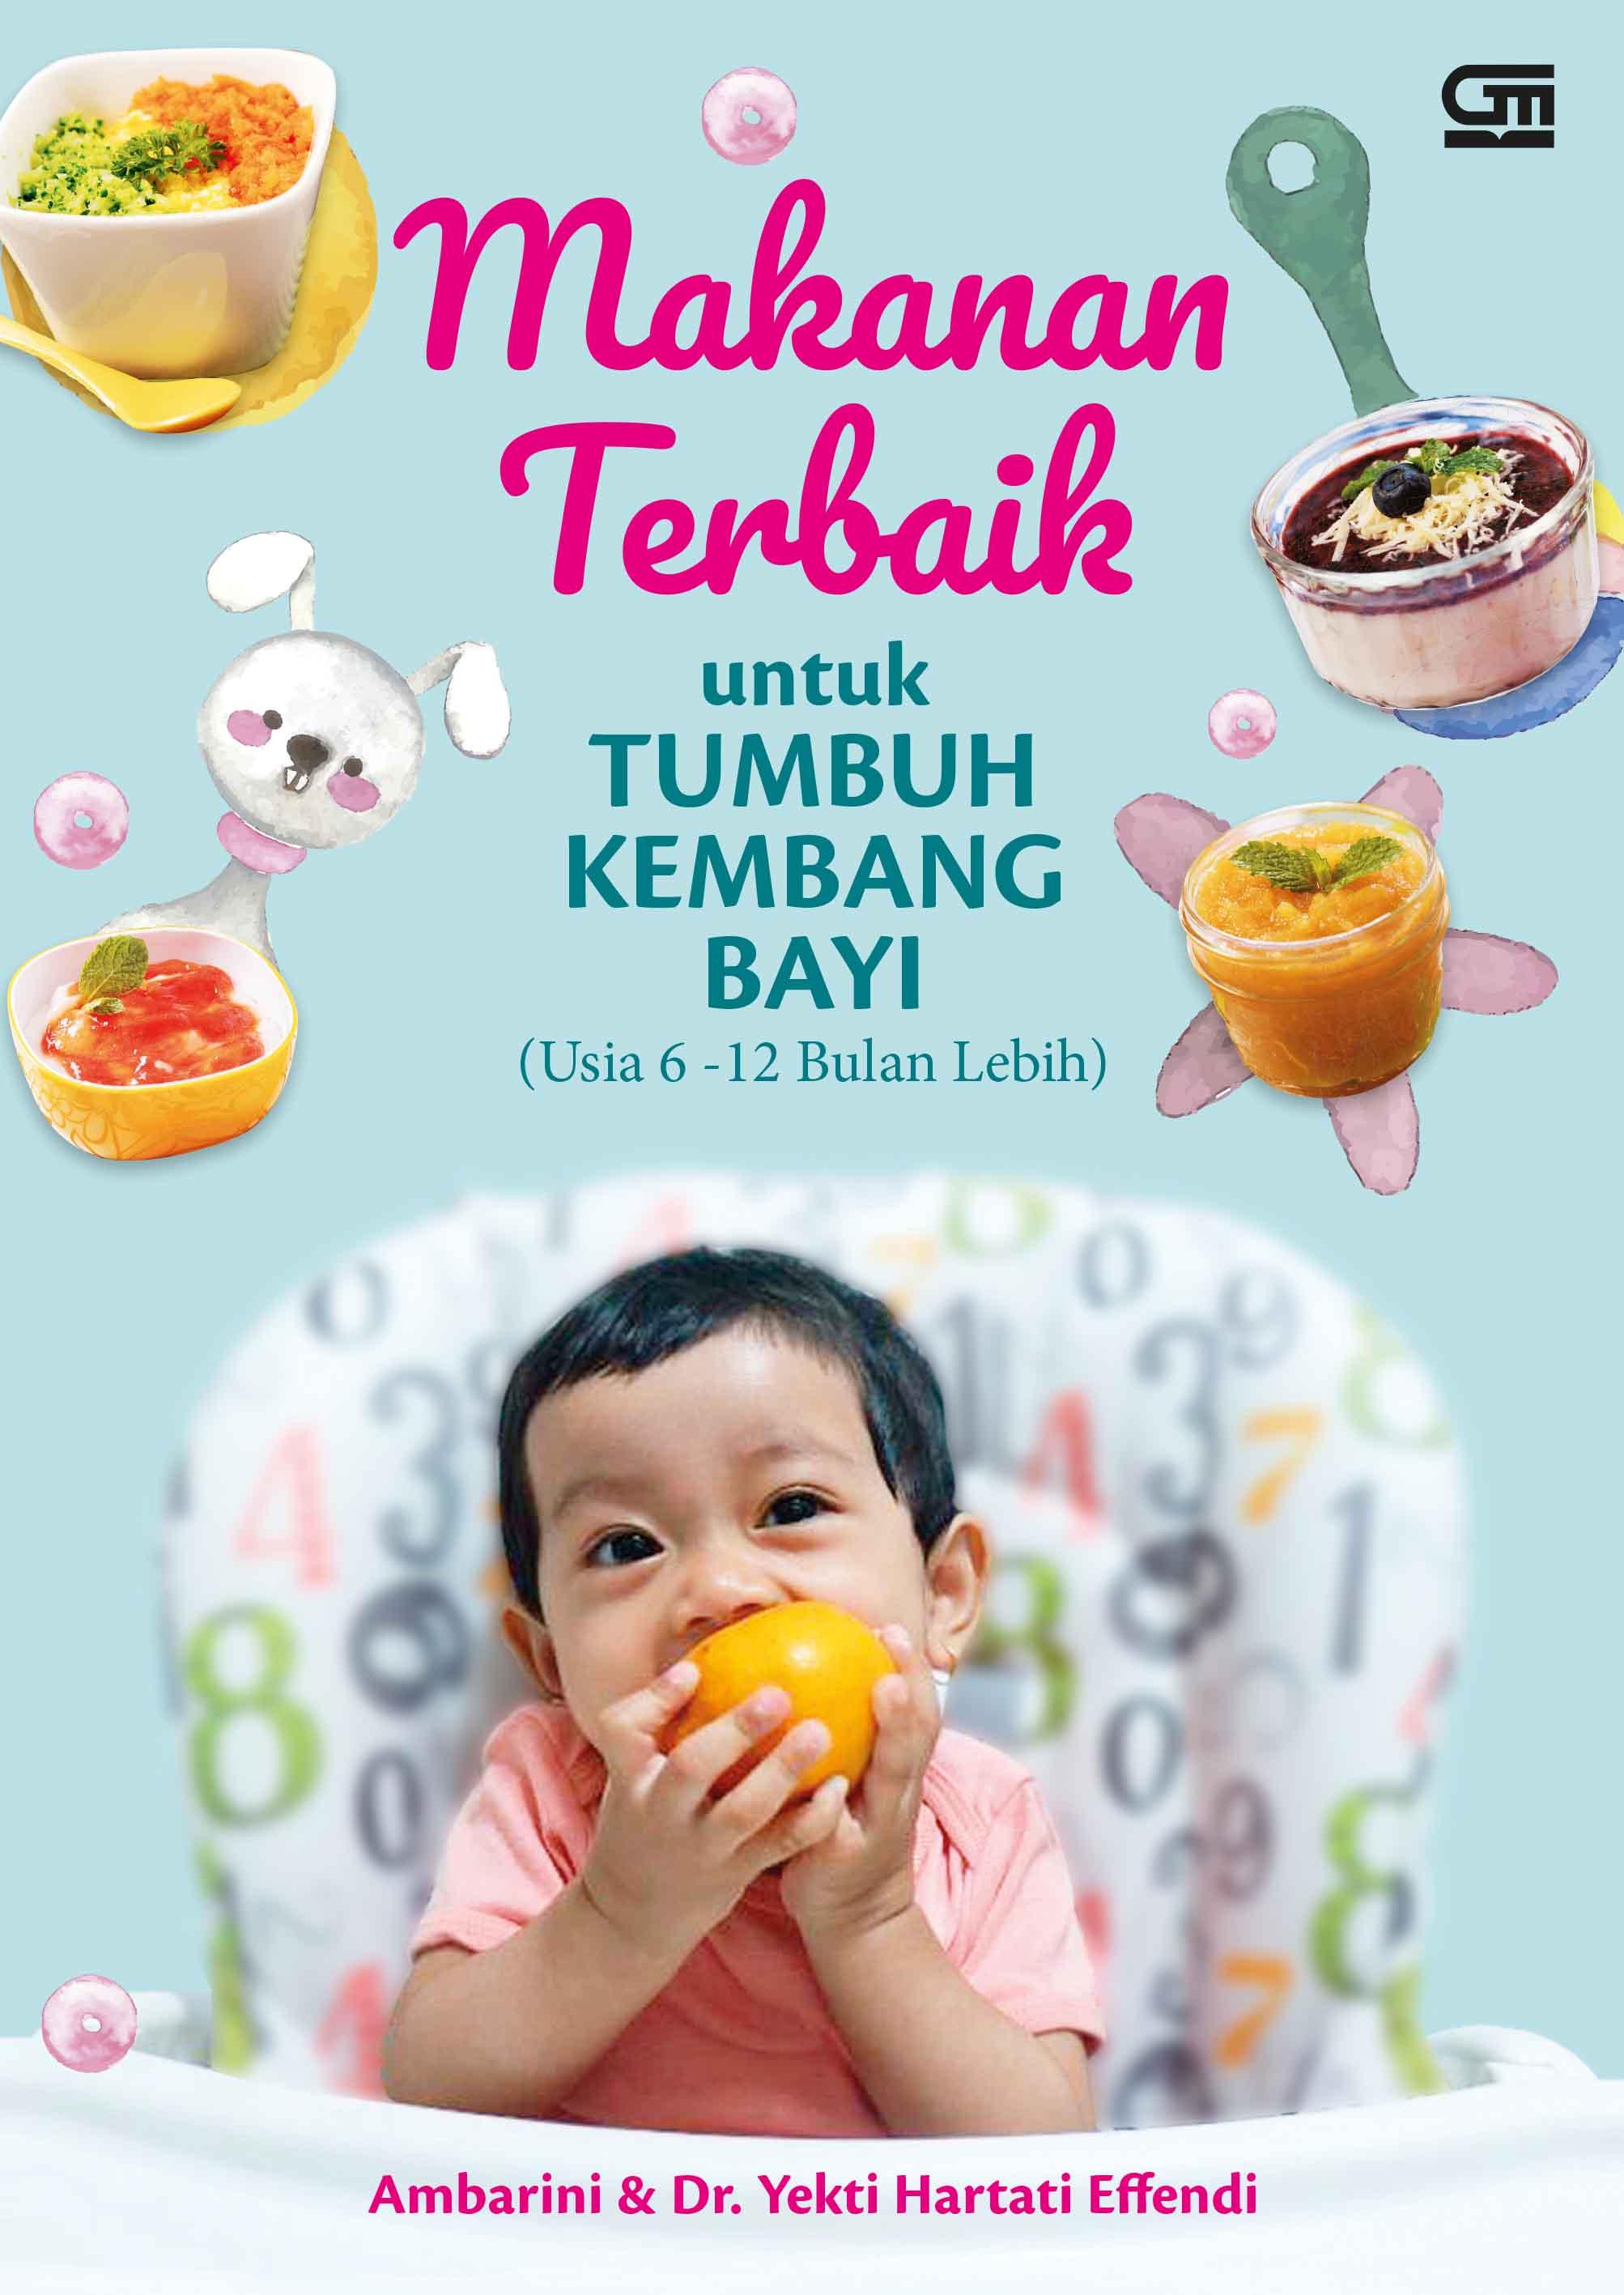 Makanan Terbaik untuk Tumbuh Kembang Bayi (Usia 6-12 Bulan Lebih)